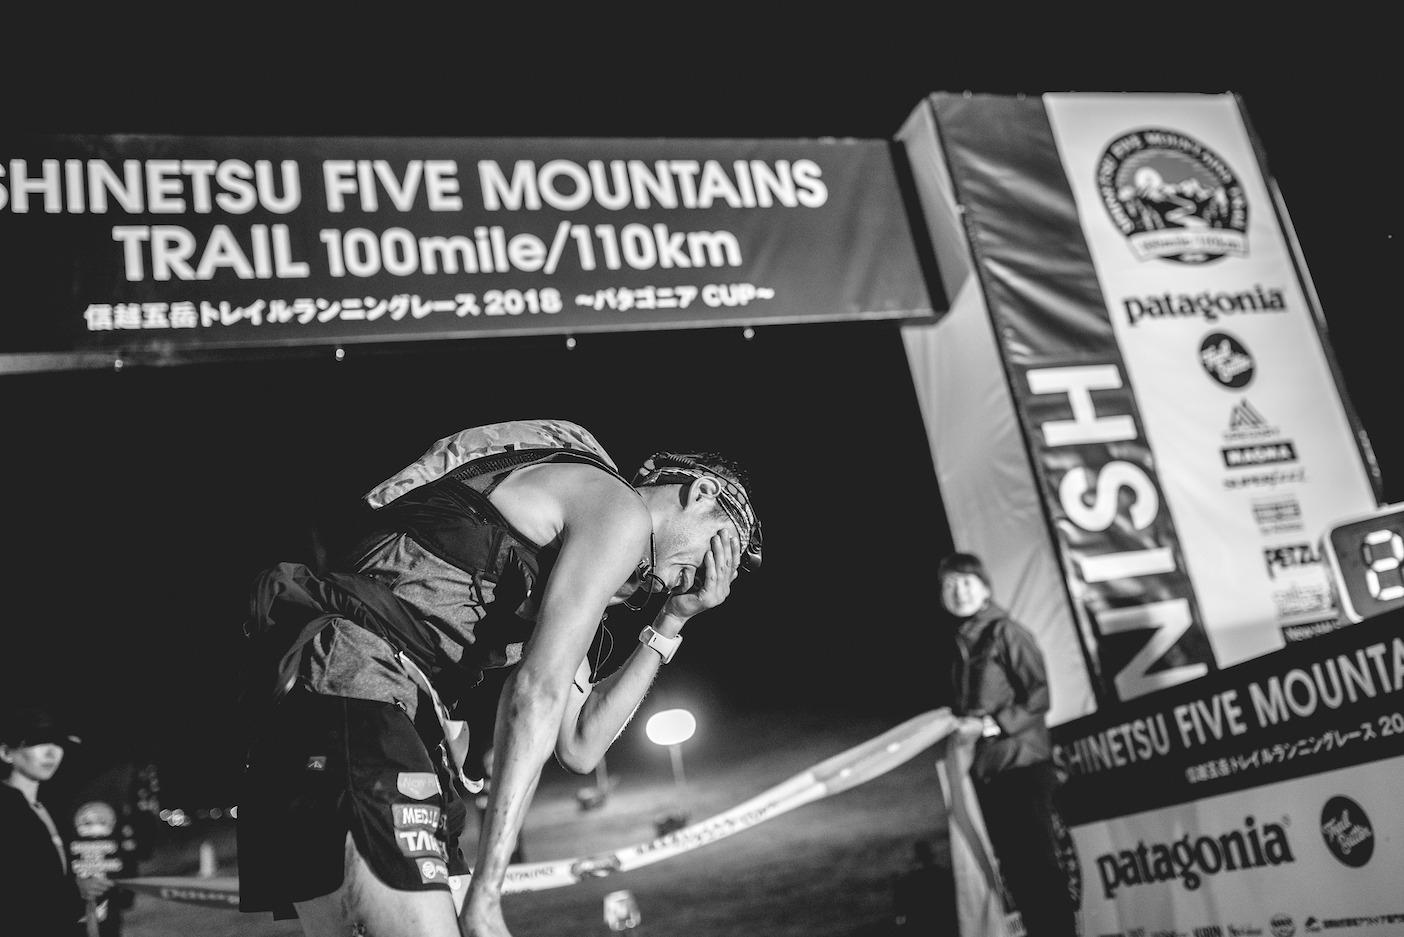 信越五岳トレイルランニングレース、これまでの10年とこれからの10年